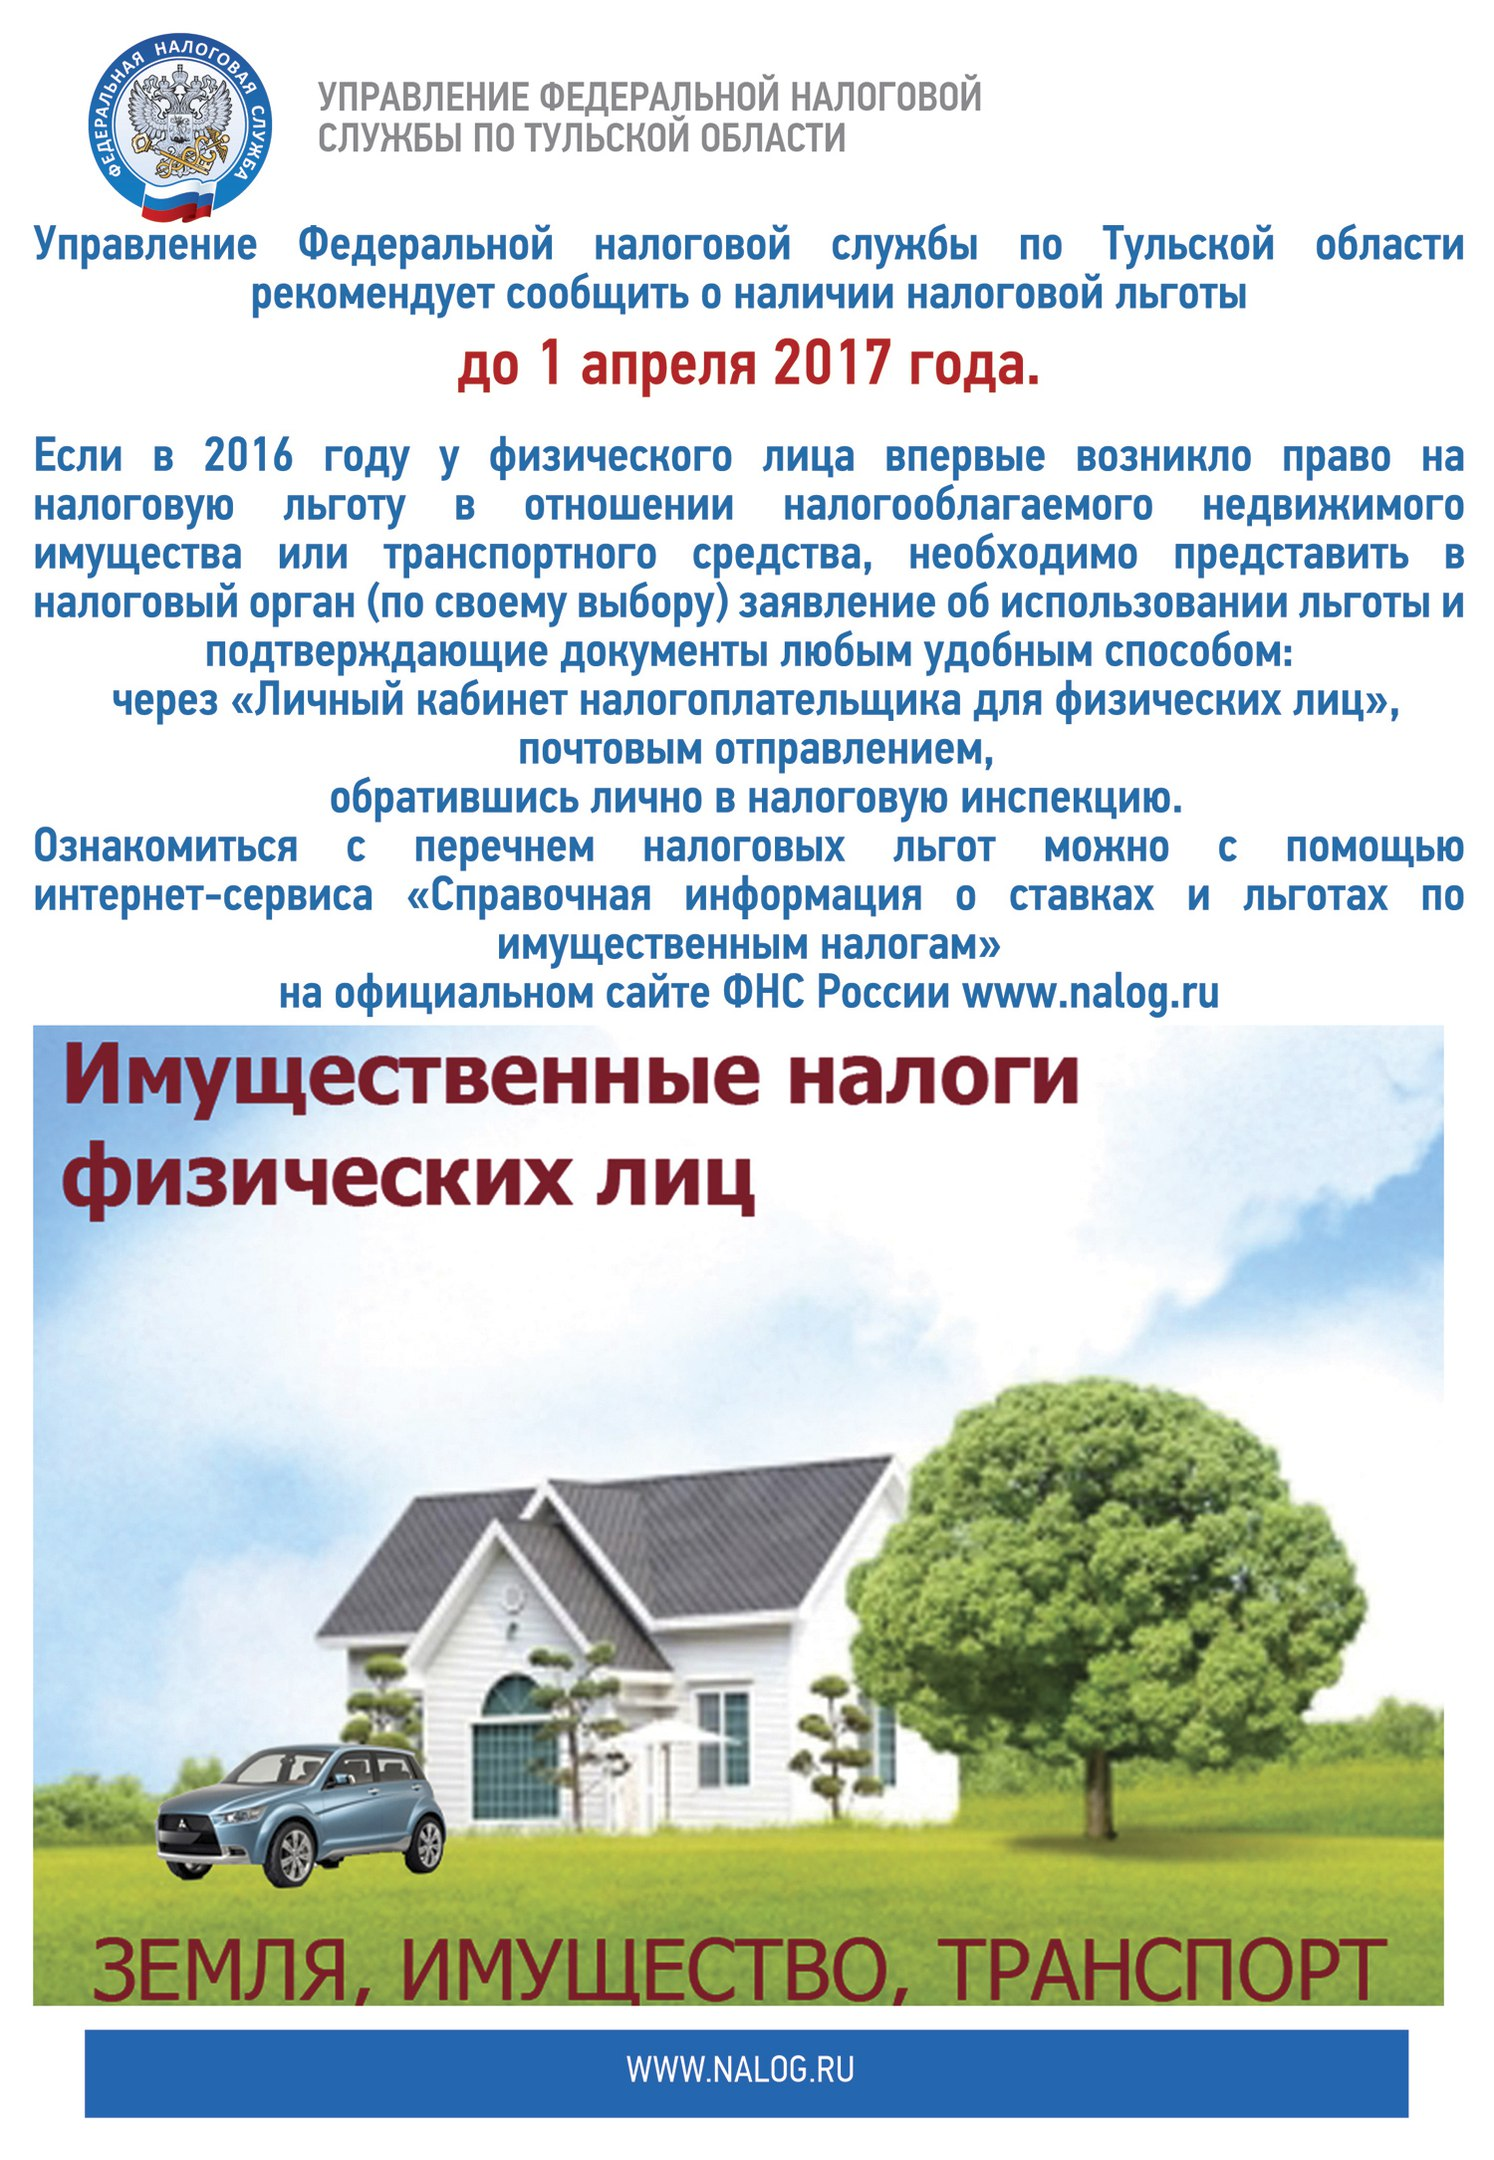 Сообщите о налоговой льготе до 1 апреля 2017 года